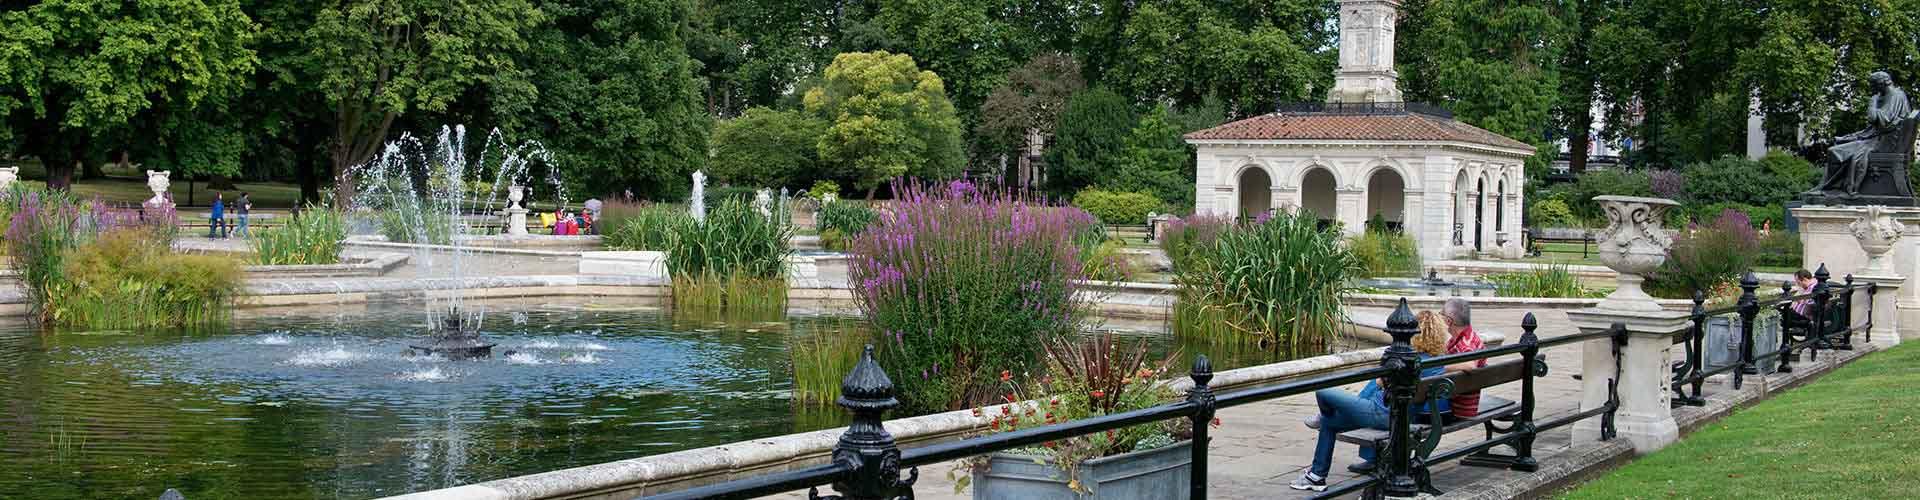 런던 - Hyde Park와 가까운 호스텔. 런던의 지도, 런던에 위치한 호스텔 사진 및 후기 정보.